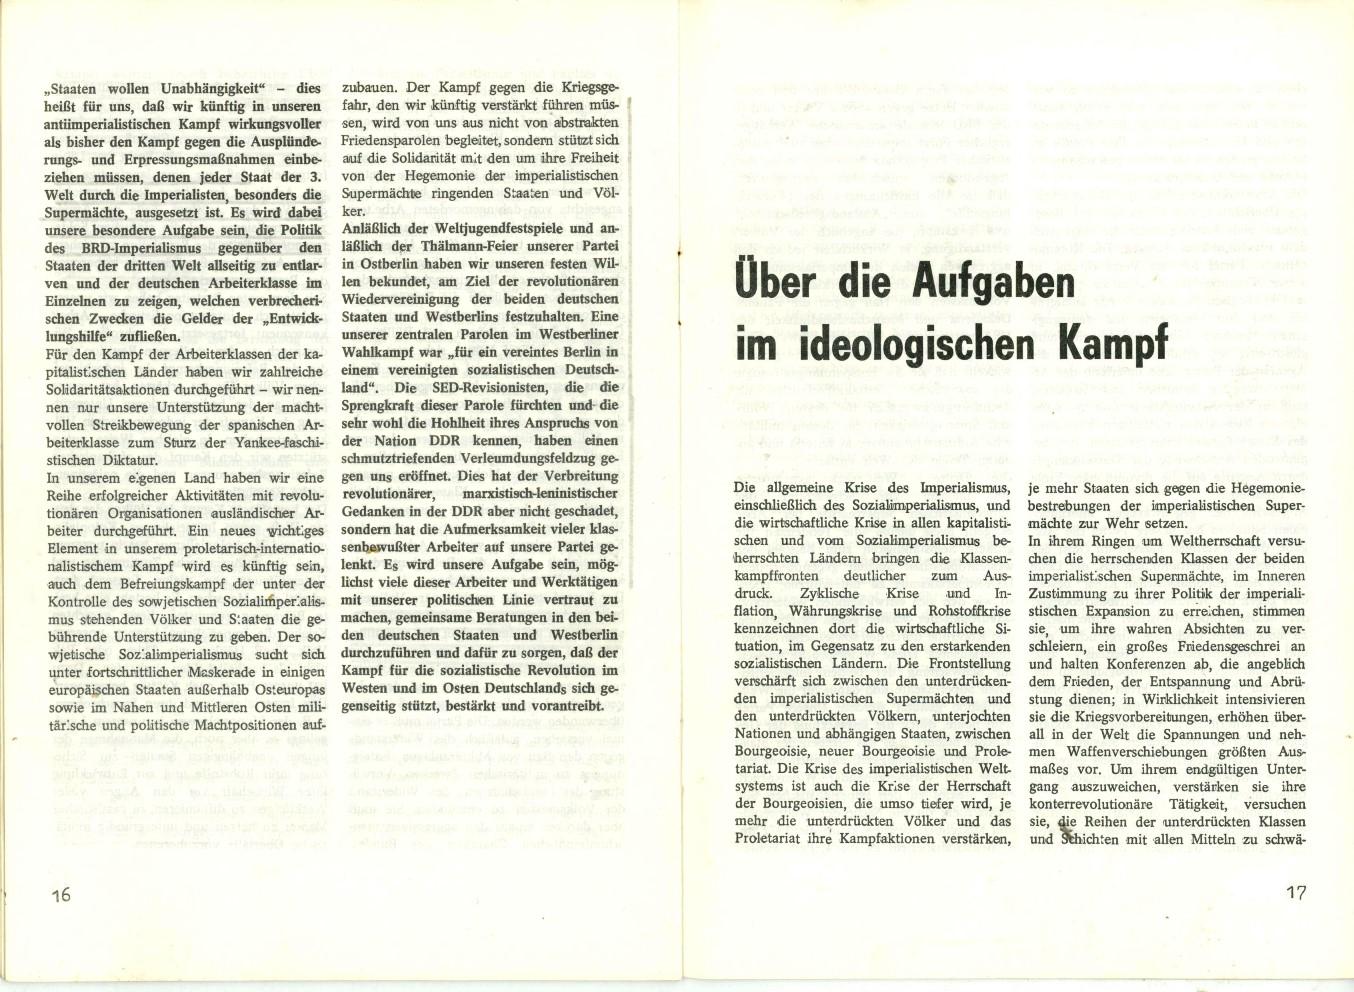 KPD_Entschliessungen_19750200_10